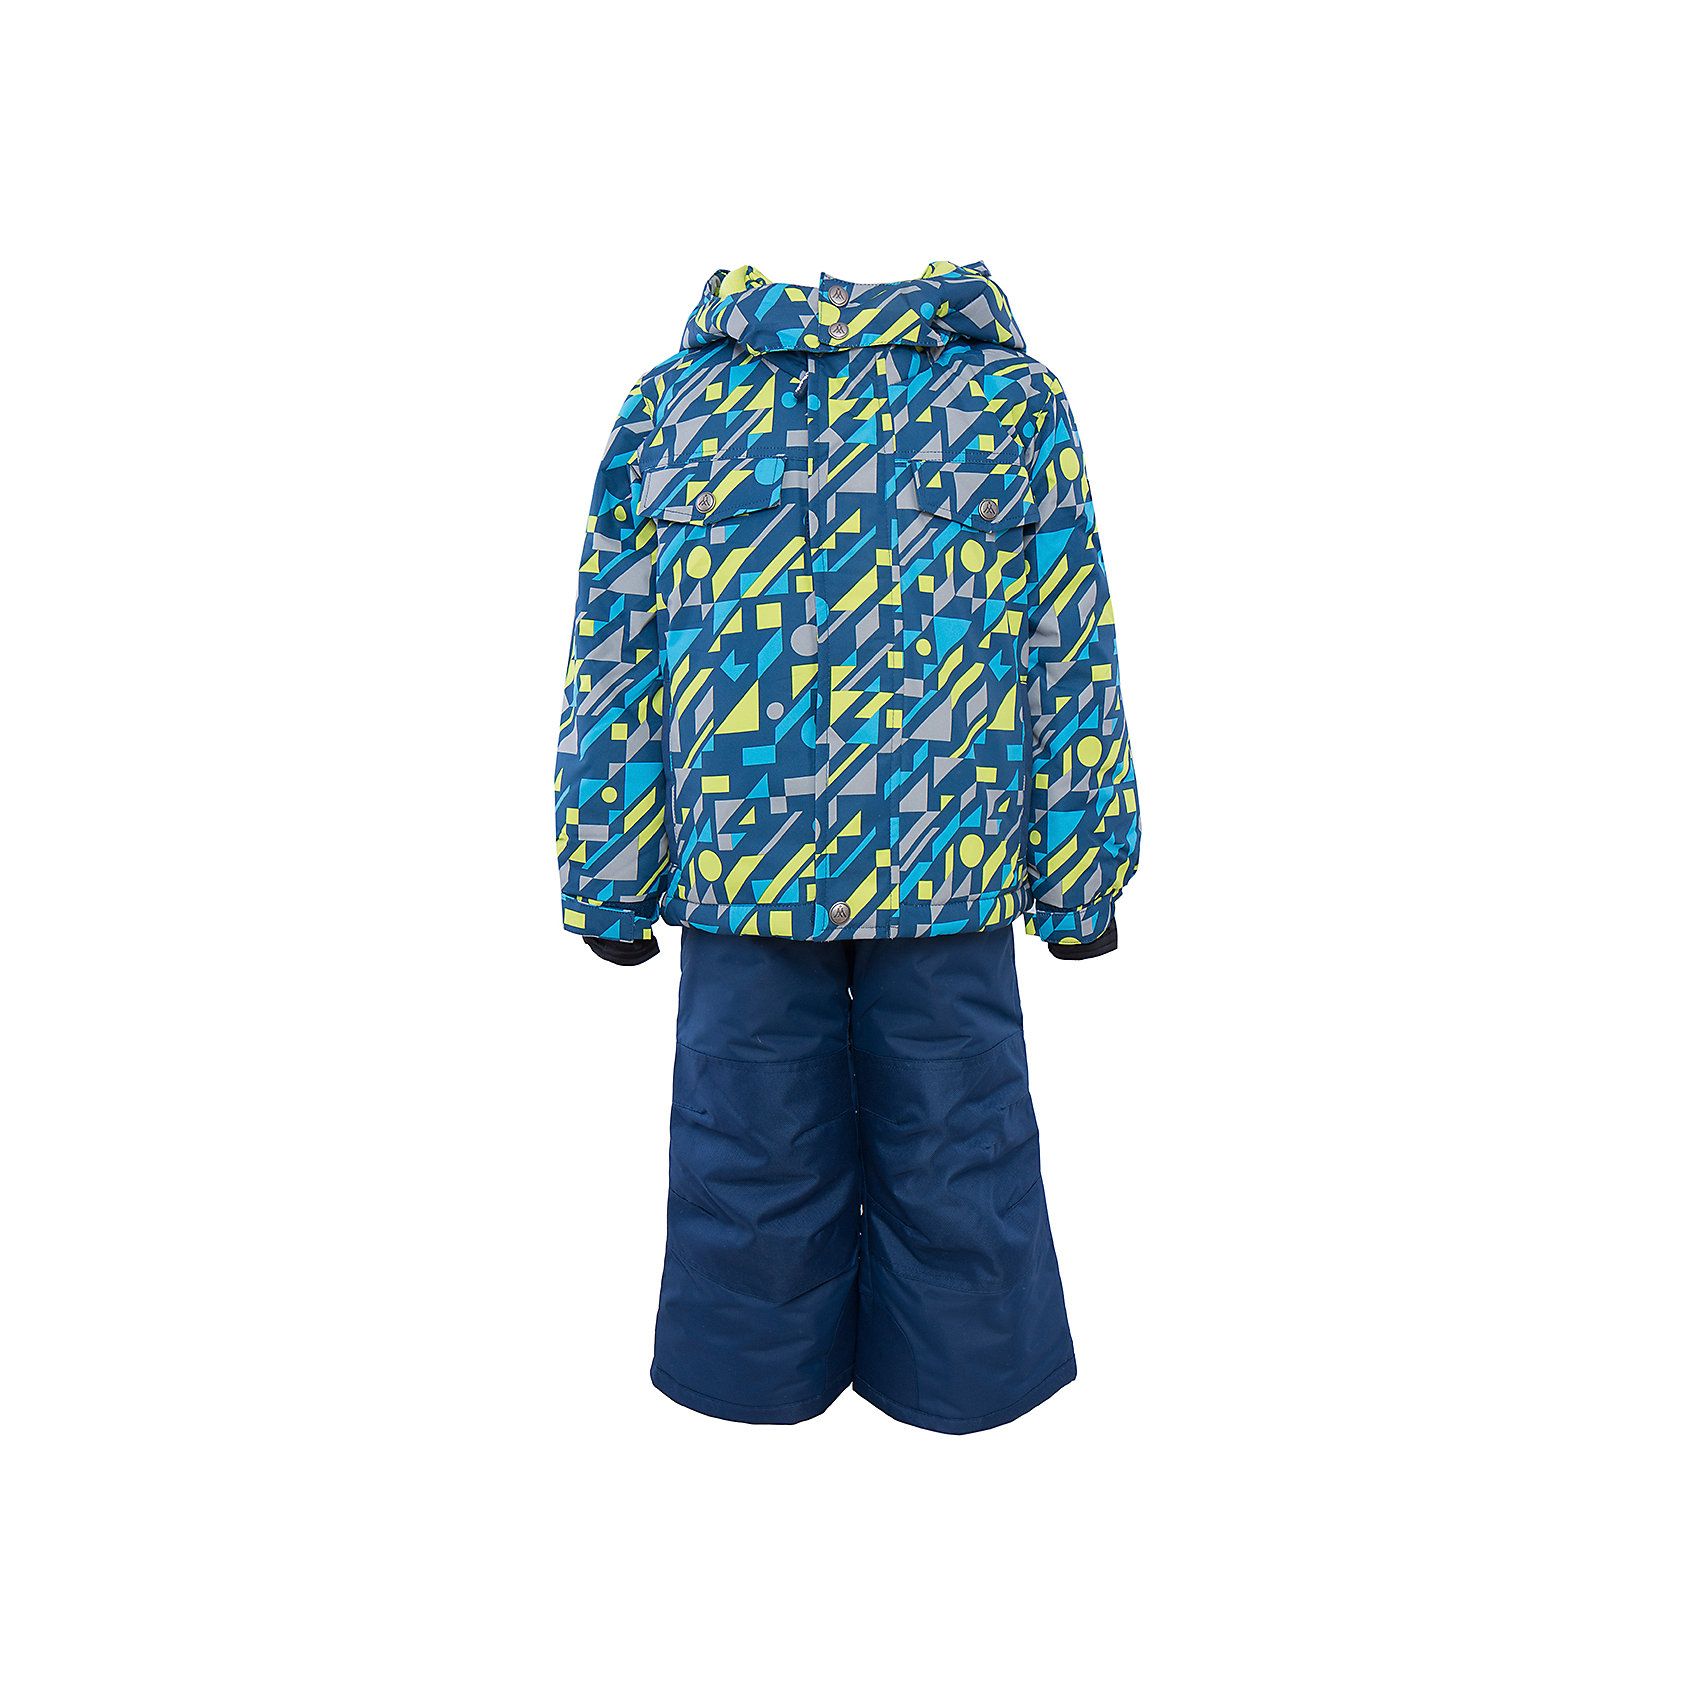 Комплект: куртка и брюки для мальчика PremontВерхняя одежда<br>Комплект: куртка и брюки для мальчика от известного бренда Premont.<br>Как известно, немцы во всем предпочитают четкость и лаконичность, именно эти особенности учтены в принте «Немецкий стиль». Геометрические фигуры и абстрактные рисунки подойдут для серьезных и рассудительных детей, которые любят часами собирать конструктор, пирамидки, играть с кубиками.<br>Брюки до 6 лет идут с высокой грудкой, после 6 лет - с отстегивающейся спинкой.<br>Состав:<br>Ткань верха: мембрана 5000мм/5000г/м2/24h, Taslan<br>Подклад: Polarfleece (тело, капюшон, манжеты), Taffeta (брюки, рукава, снежная юбка) Утеплитель: Tech-polyfill (куртка 280г, брюки 180г)<br><br>Ширина мм: 356<br>Глубина мм: 10<br>Высота мм: 245<br>Вес г: 519<br>Цвет: синий<br>Возраст от месяцев: 84<br>Возраст до месяцев: 96<br>Пол: Мужской<br>Возраст: Детский<br>Размер: 92,98,100,104,110,116,120,122,128<br>SKU: 4996905